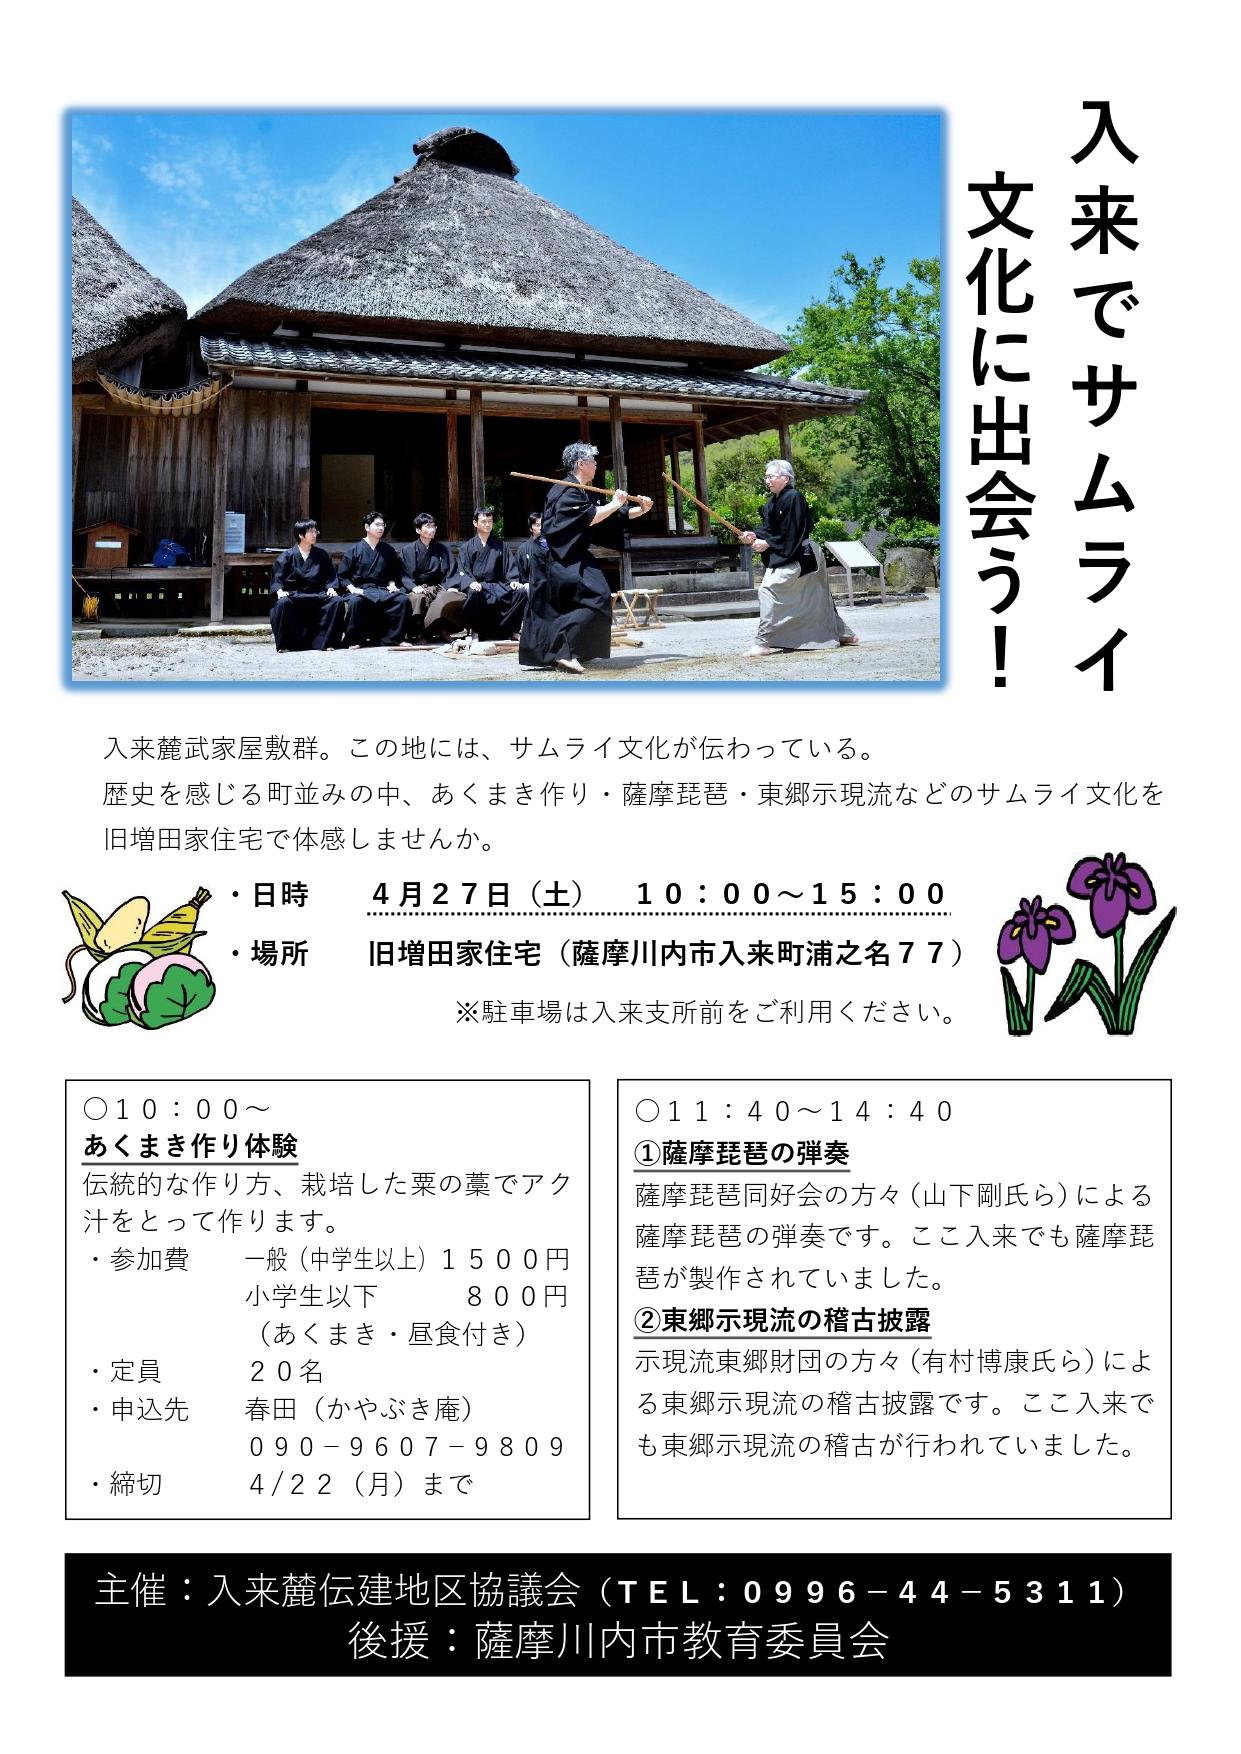 入来でサムライ文化に出会う!様々なサムライ文化を入来の旧増田家住宅で体感しませんか?